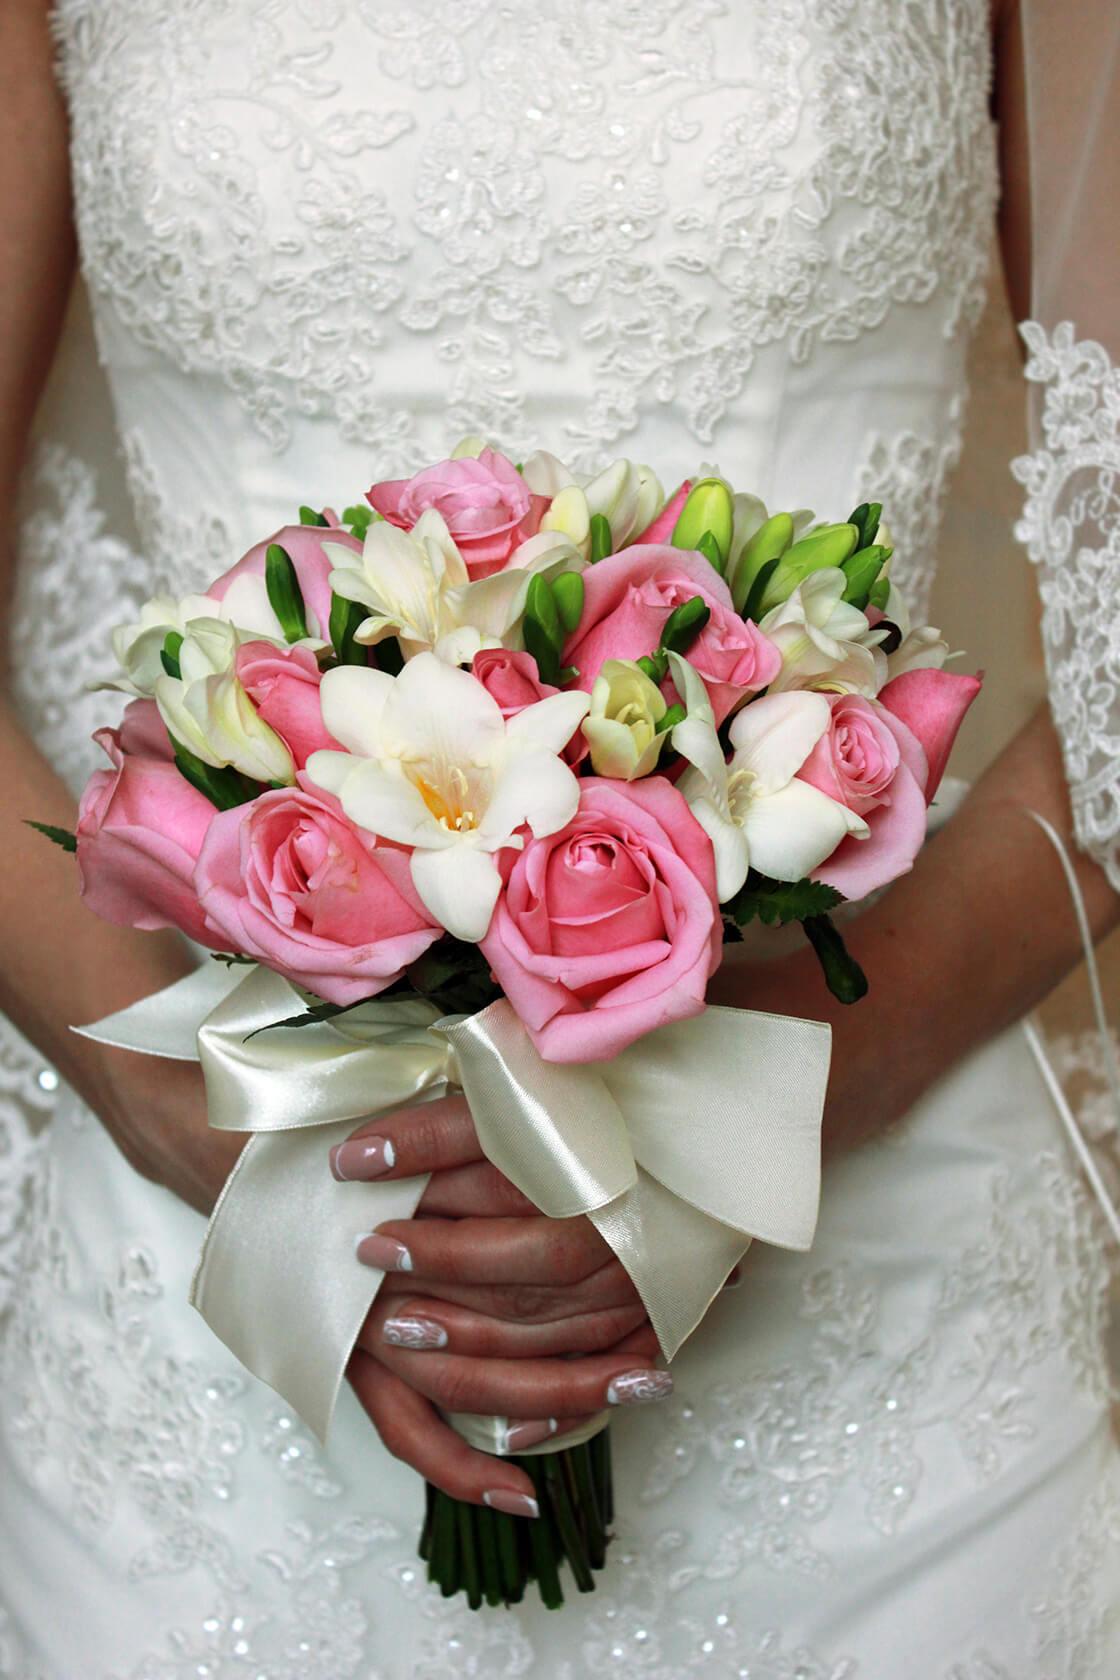 Букет невесты от 1500р в москве недорого, срезанные цветы